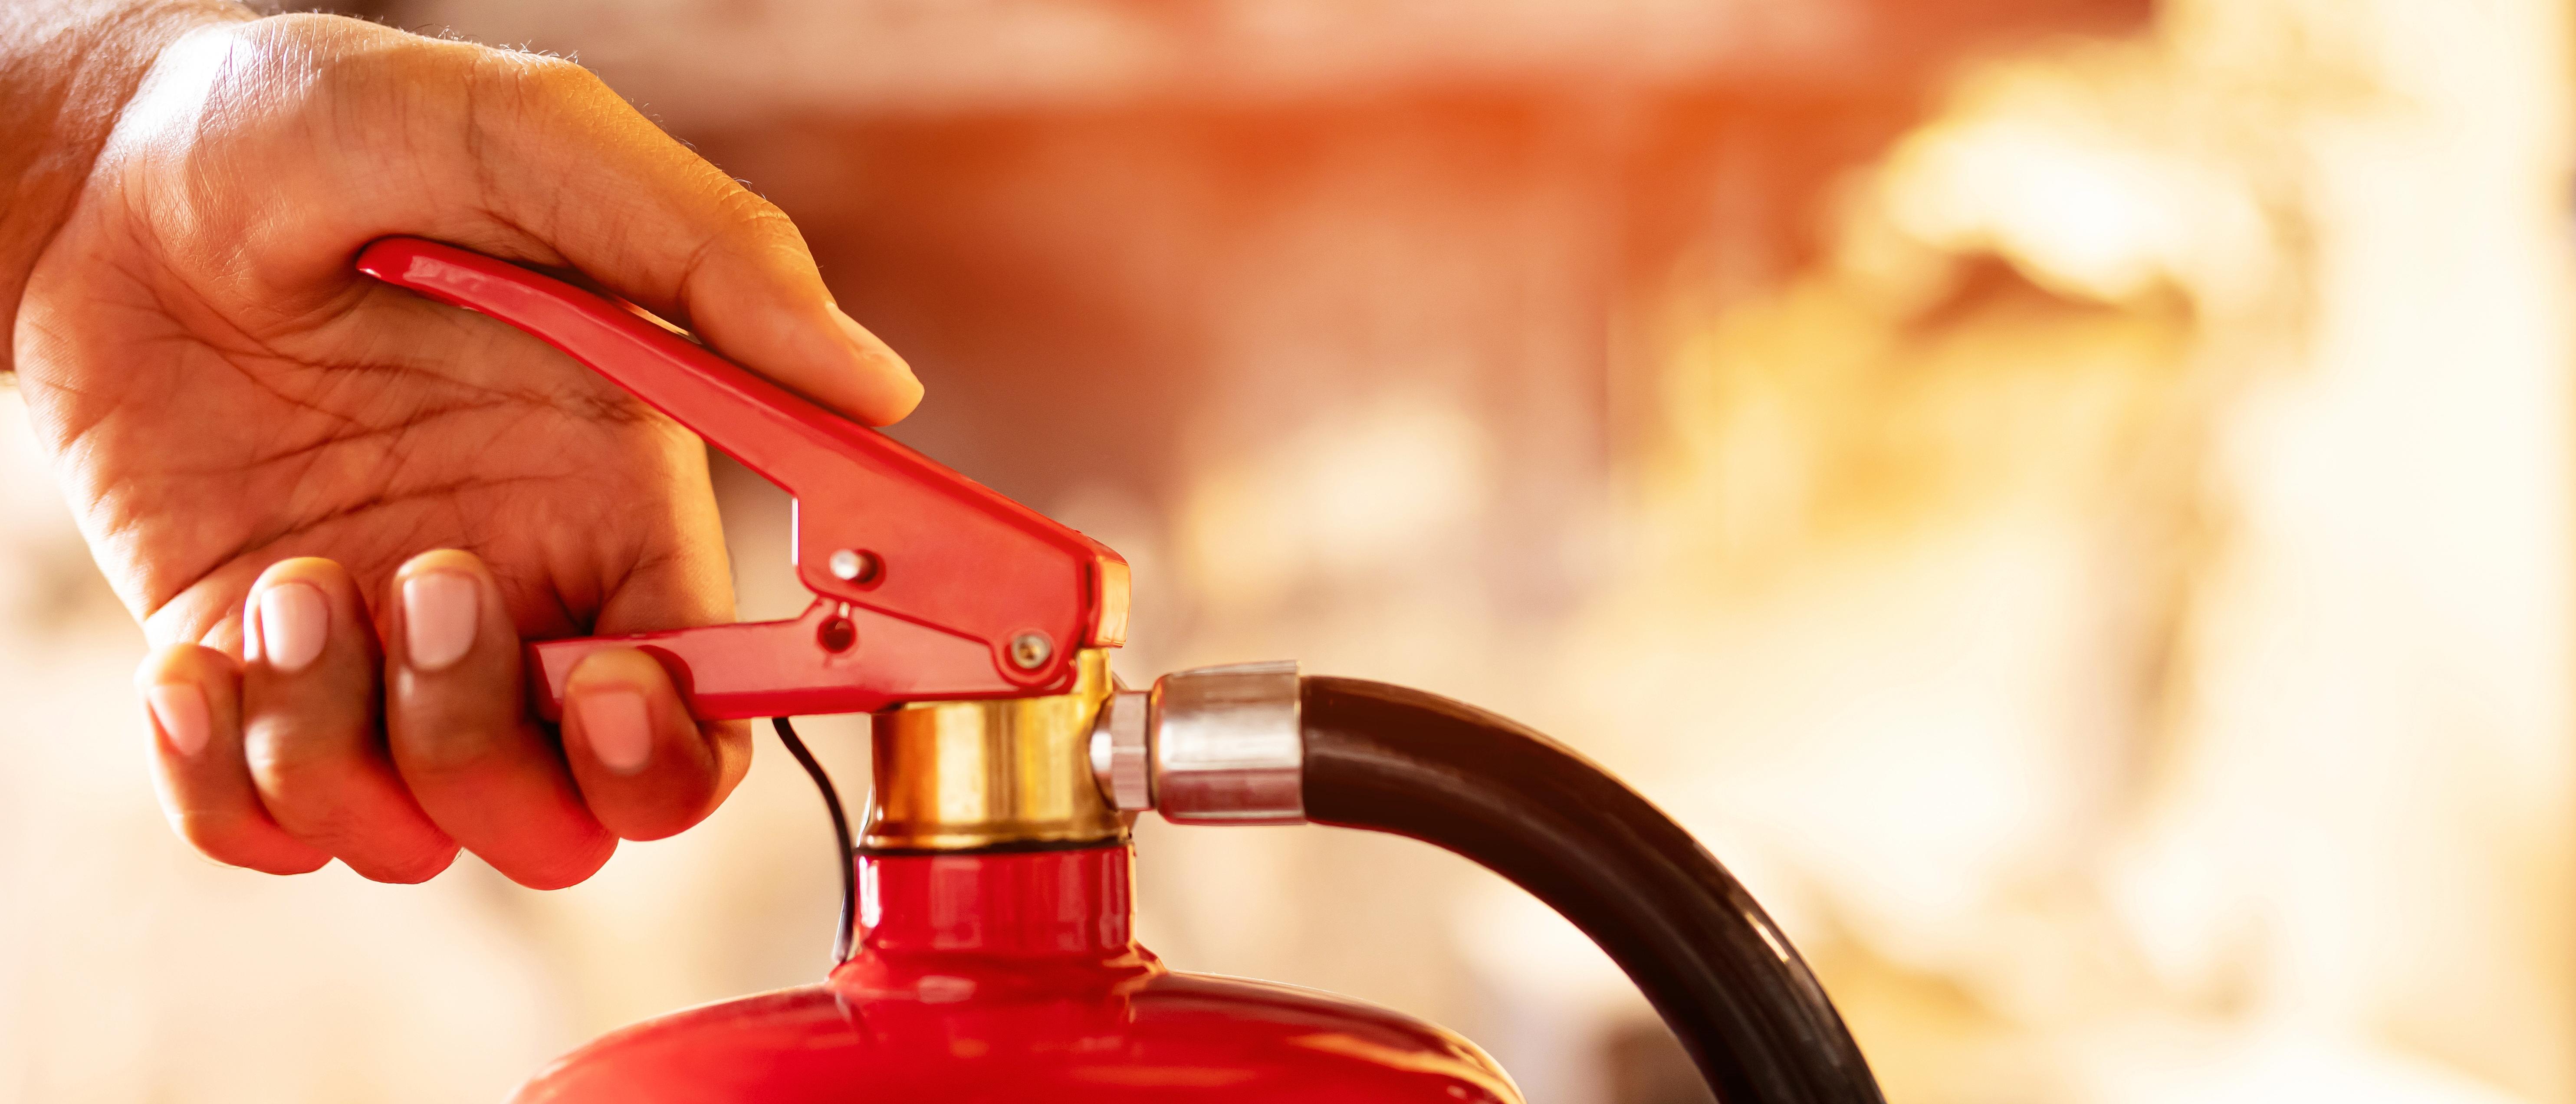 Umgang mit Feuerlöschgeräten